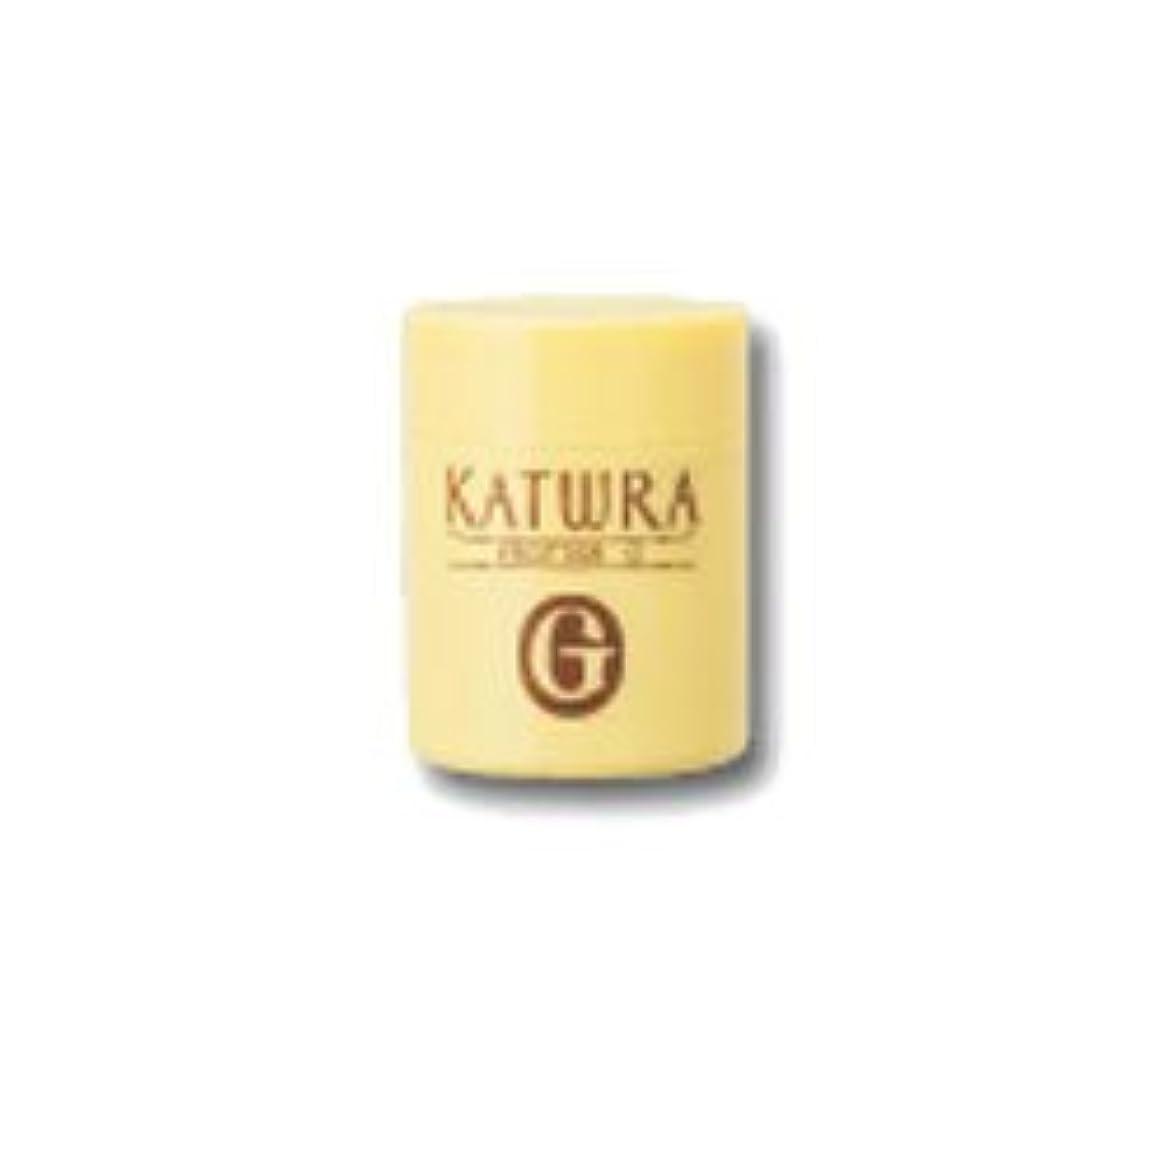 カイウスシネマ最高【カツウラ化粧品】カツウラ?フローテG 220g ×20個セット